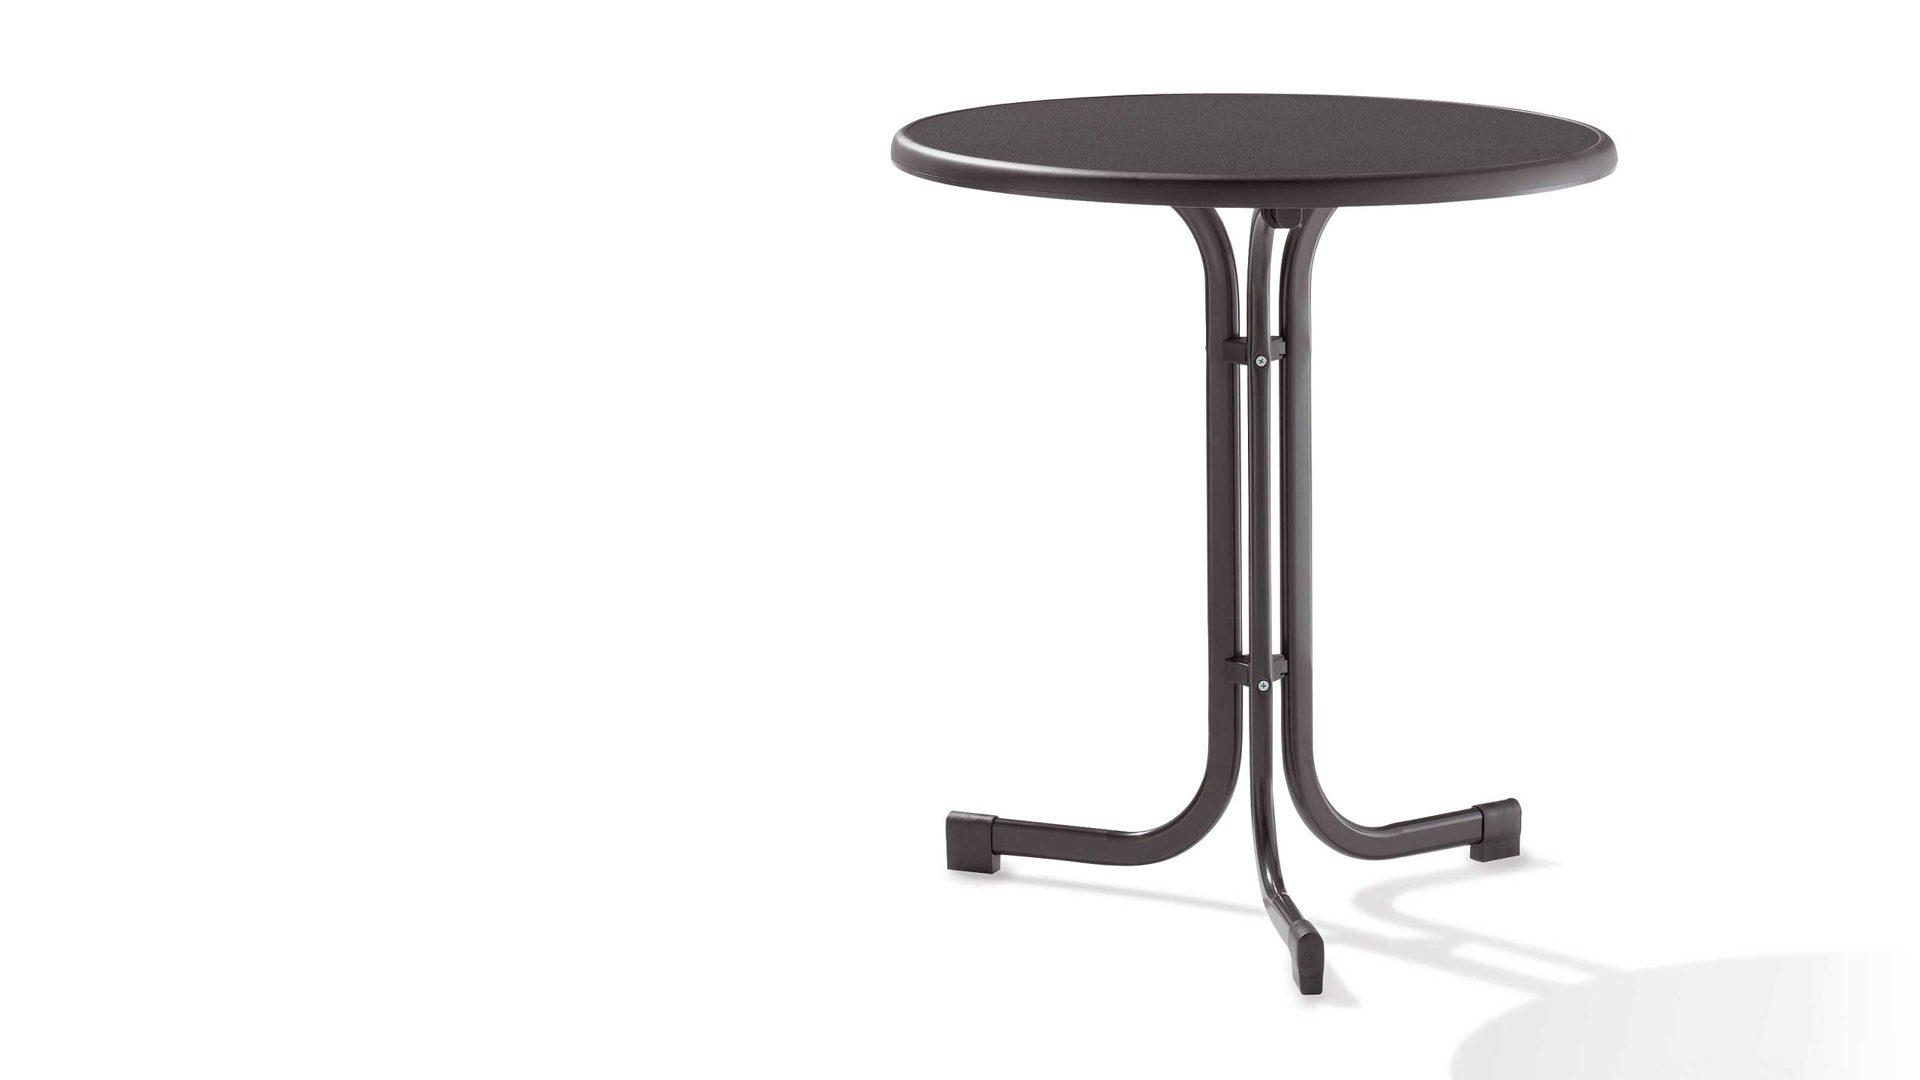 Sieger Klapptisch Gartentisch Tischplatte Mecalit D 70 Cm Gestell